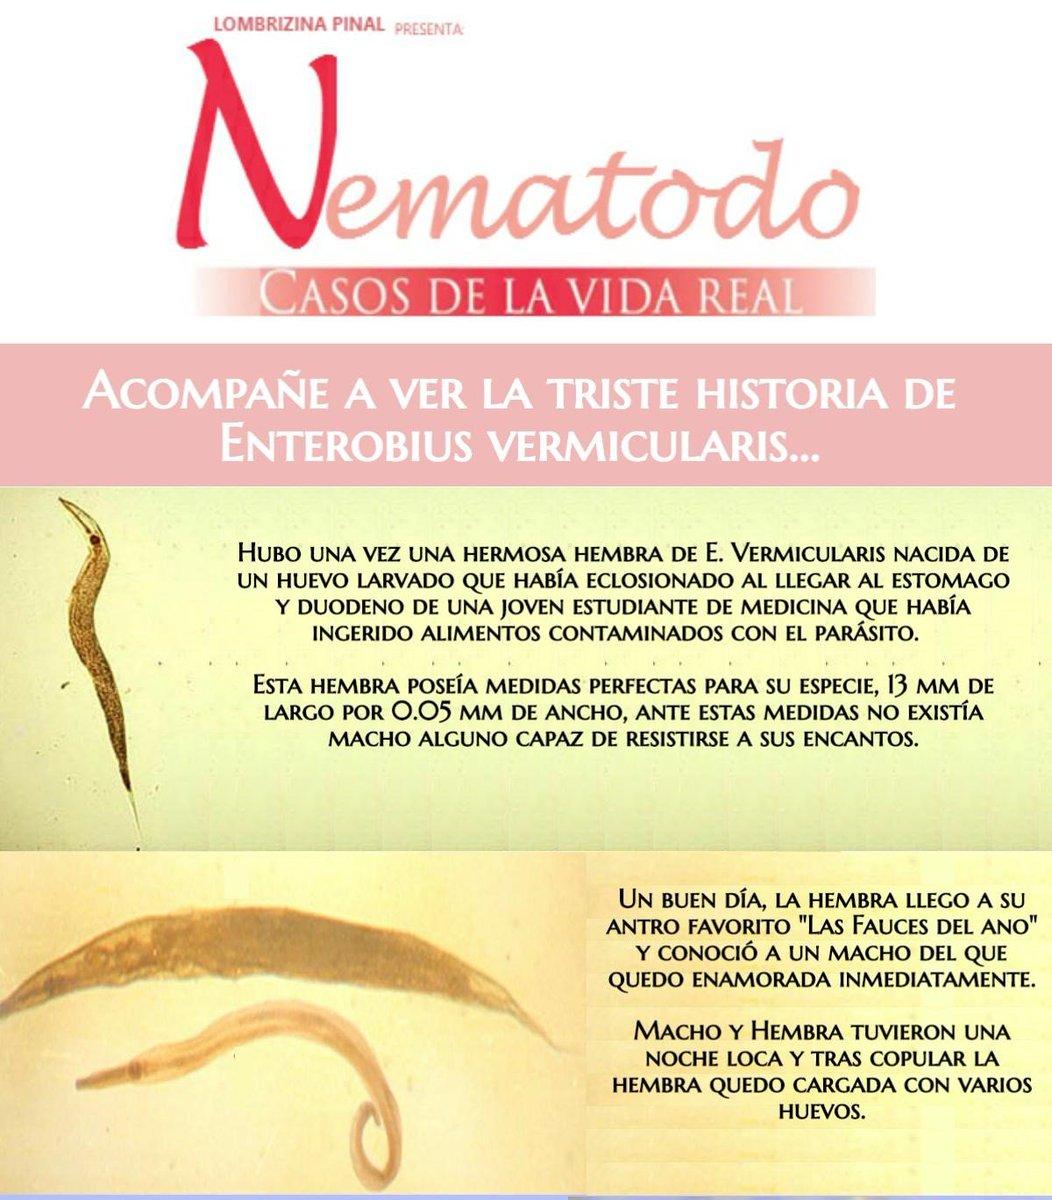 enterobius vermicularis historia